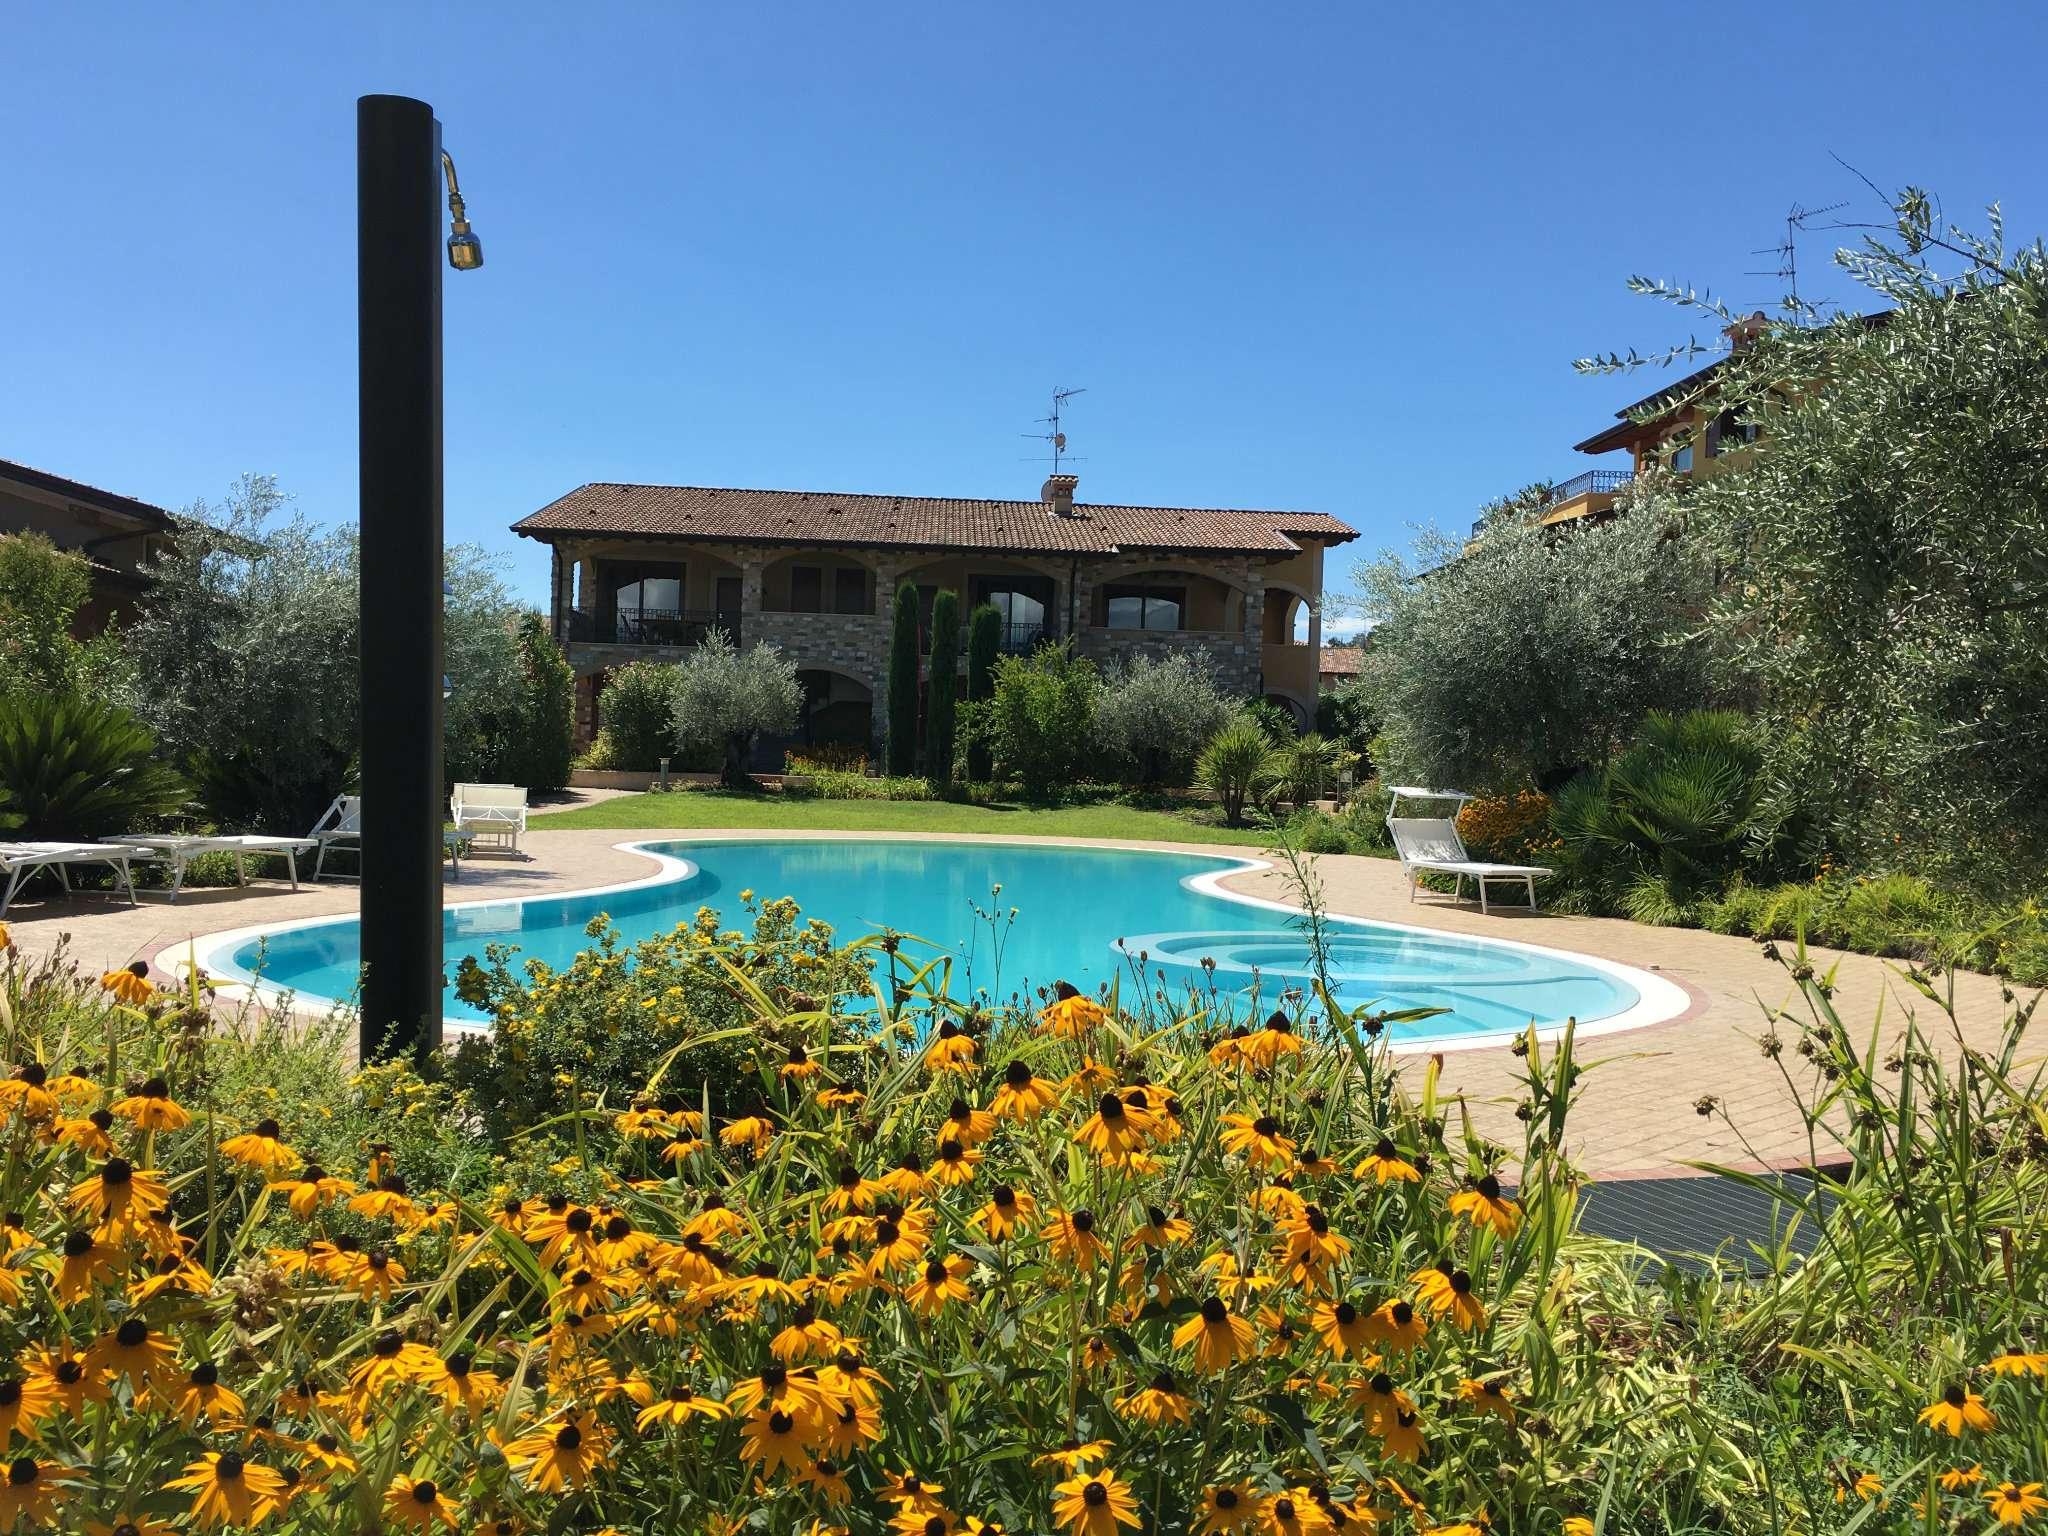 Appartamento in vendita a Polpenazze del Garda, 2 locali, prezzo € 70.082 | Cambio Casa.it